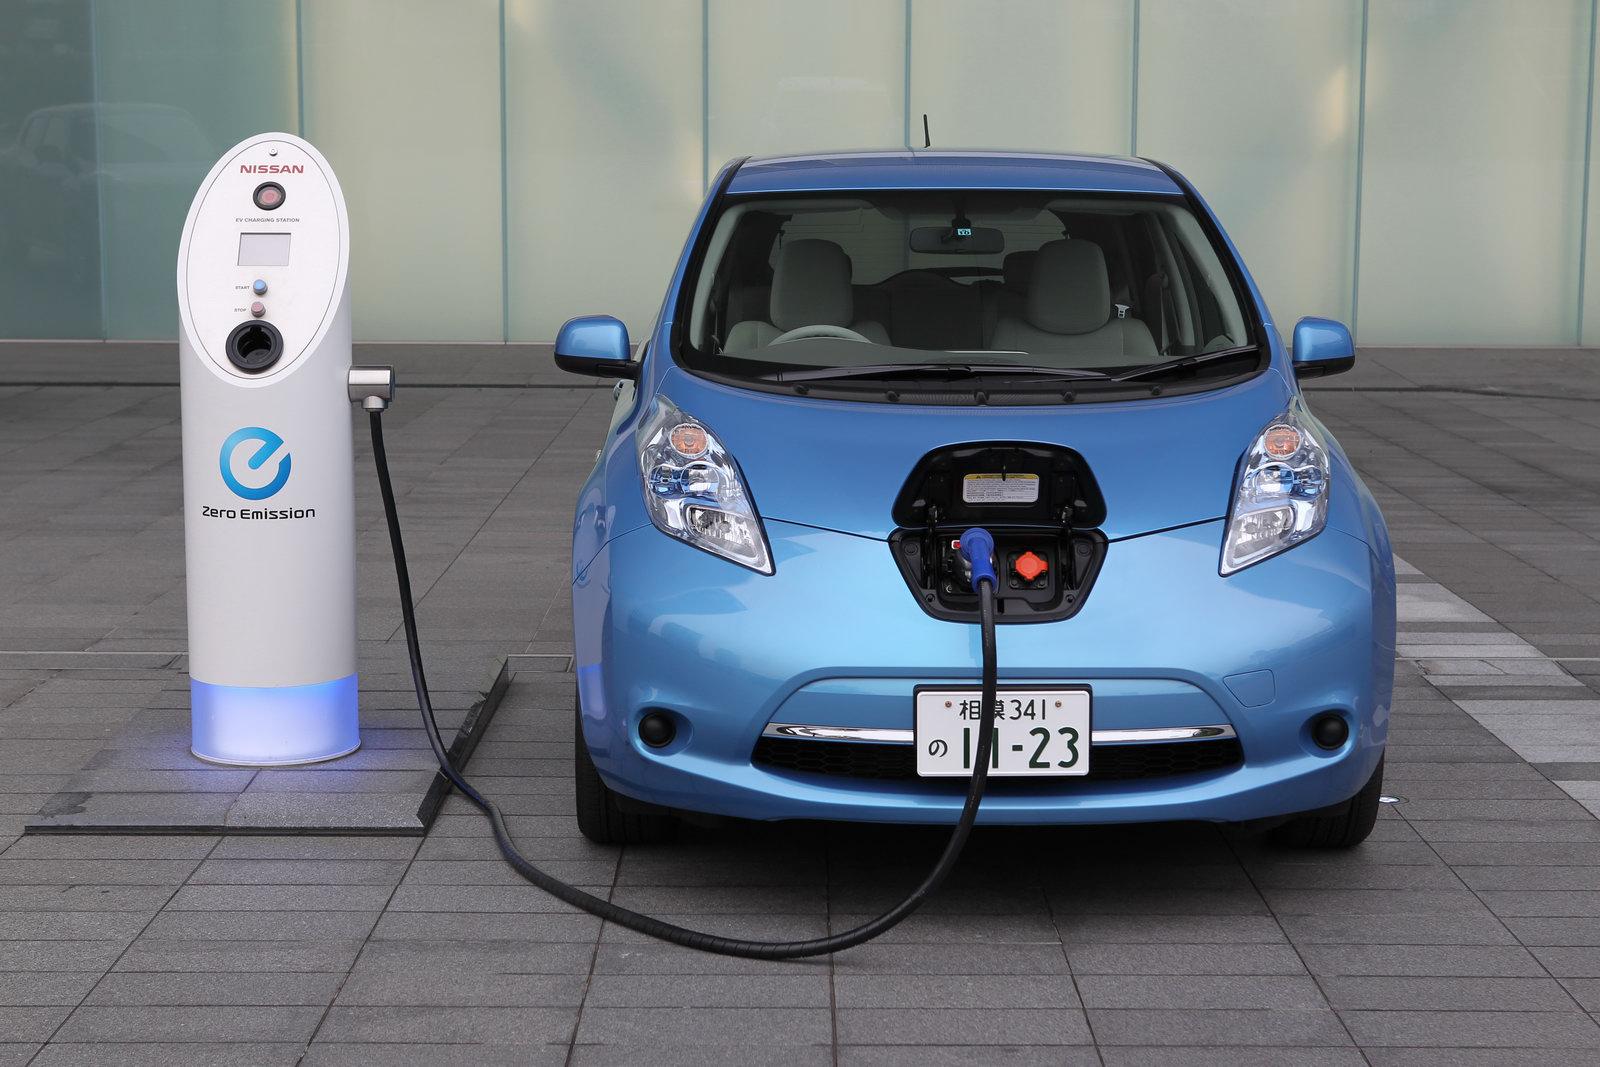 Investigadores desarrollan batería de litio-metal para autos eléctricos capaz de cargarse en 10 minutos